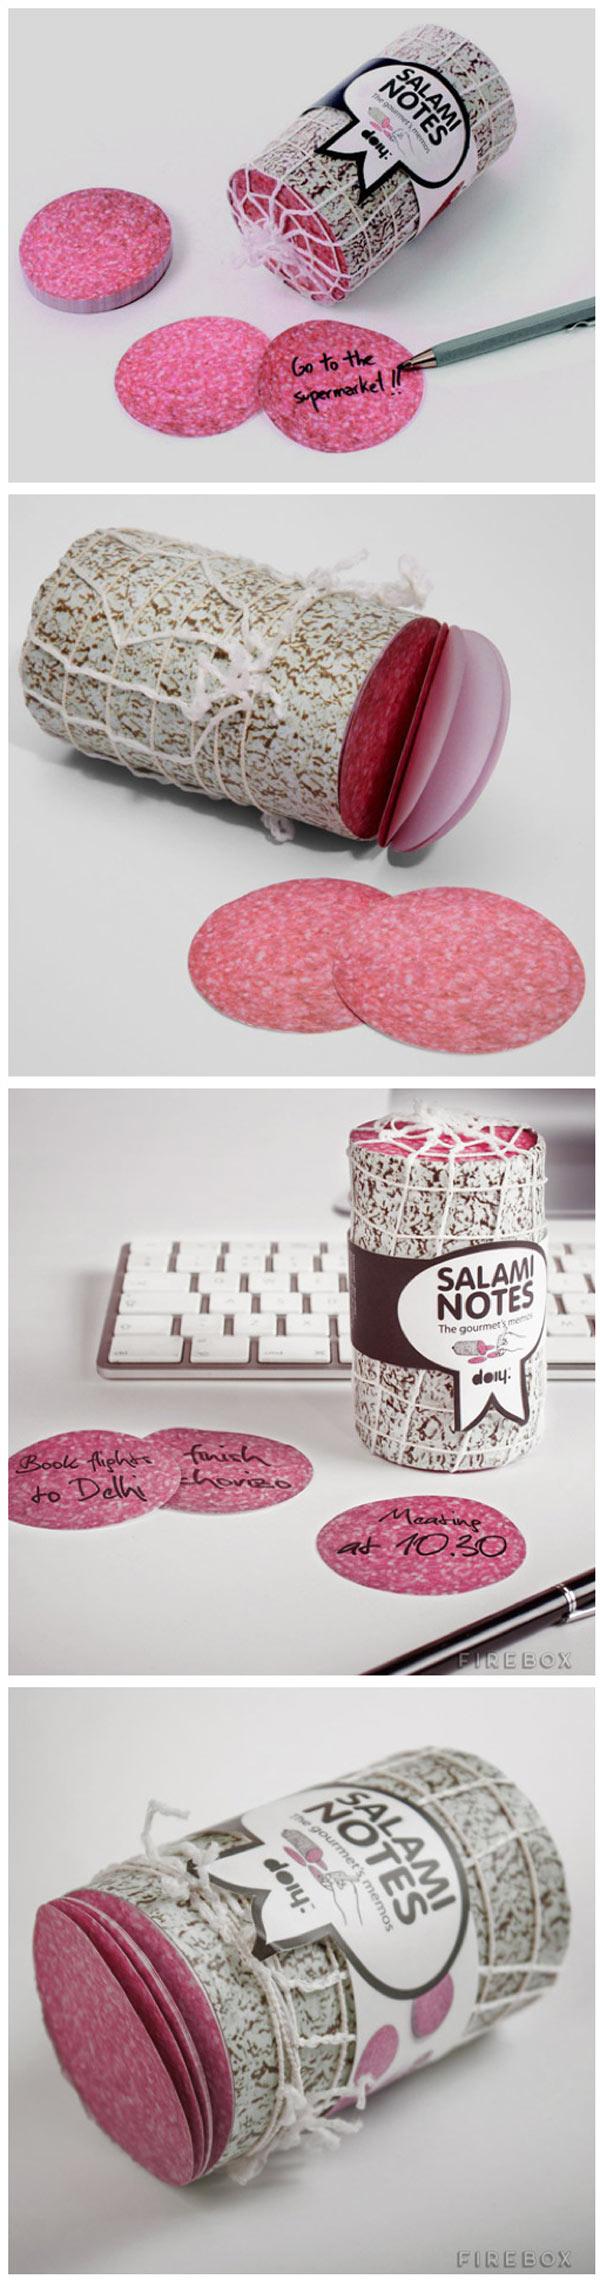 Notas adhesivas de salami